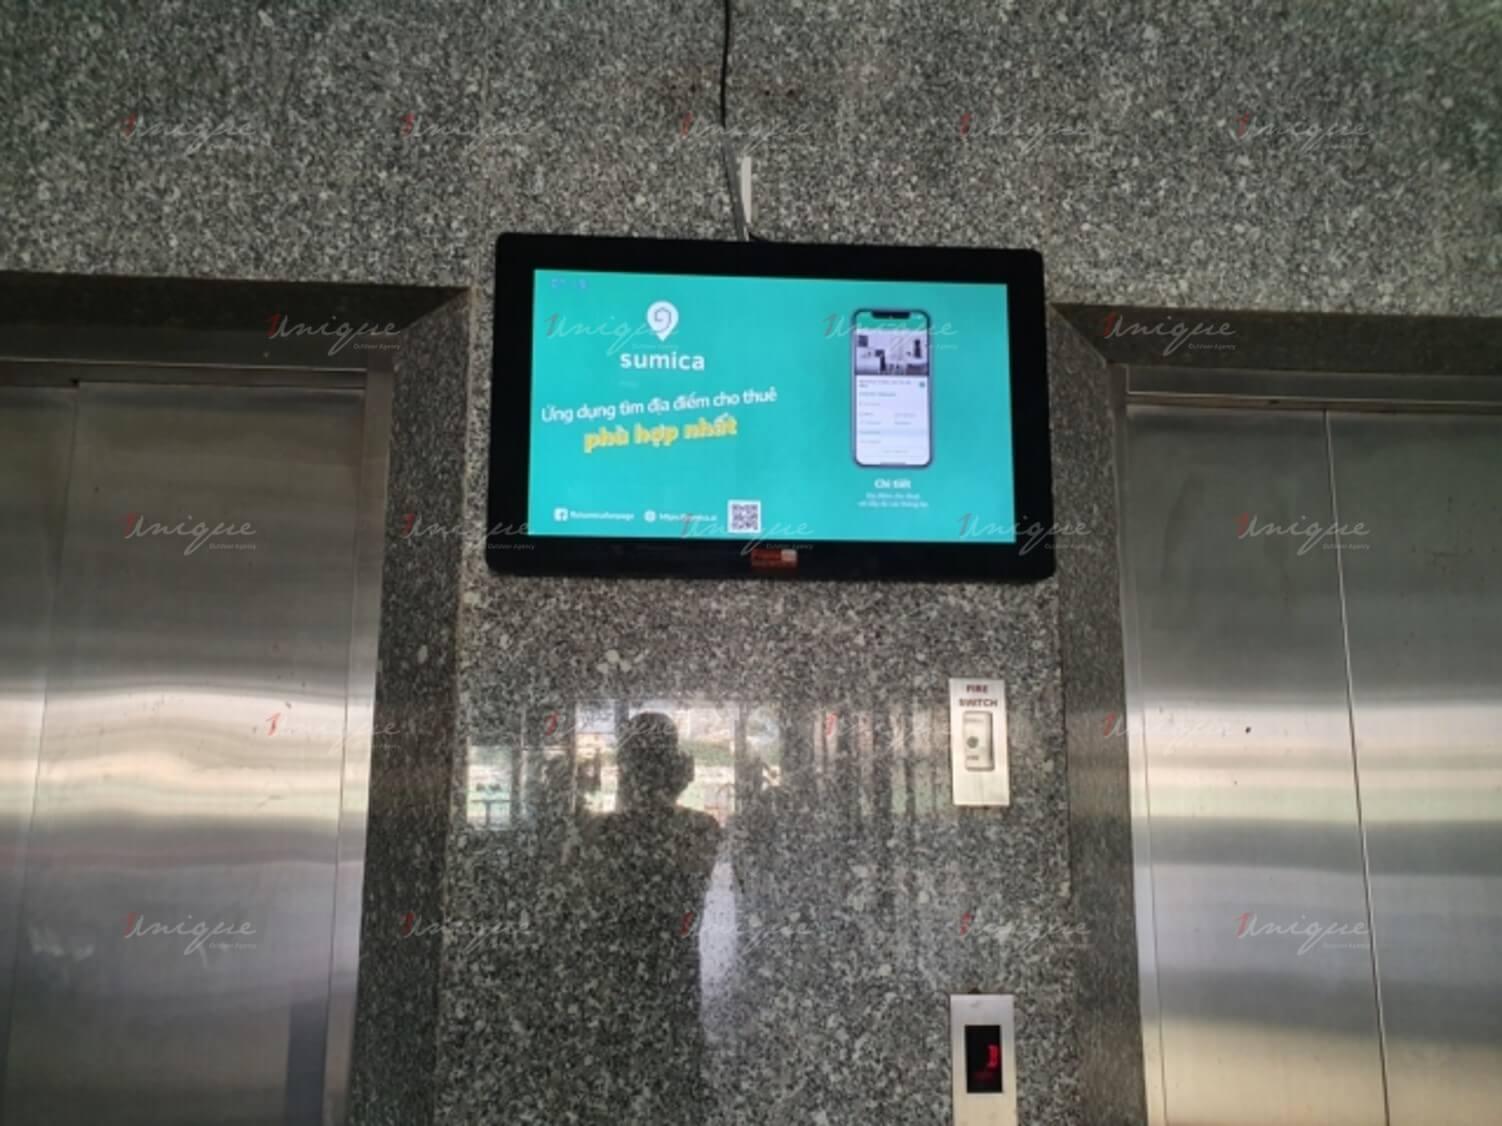 quảng cáo ngoài trời cho ứng dụng thương mại điện tử